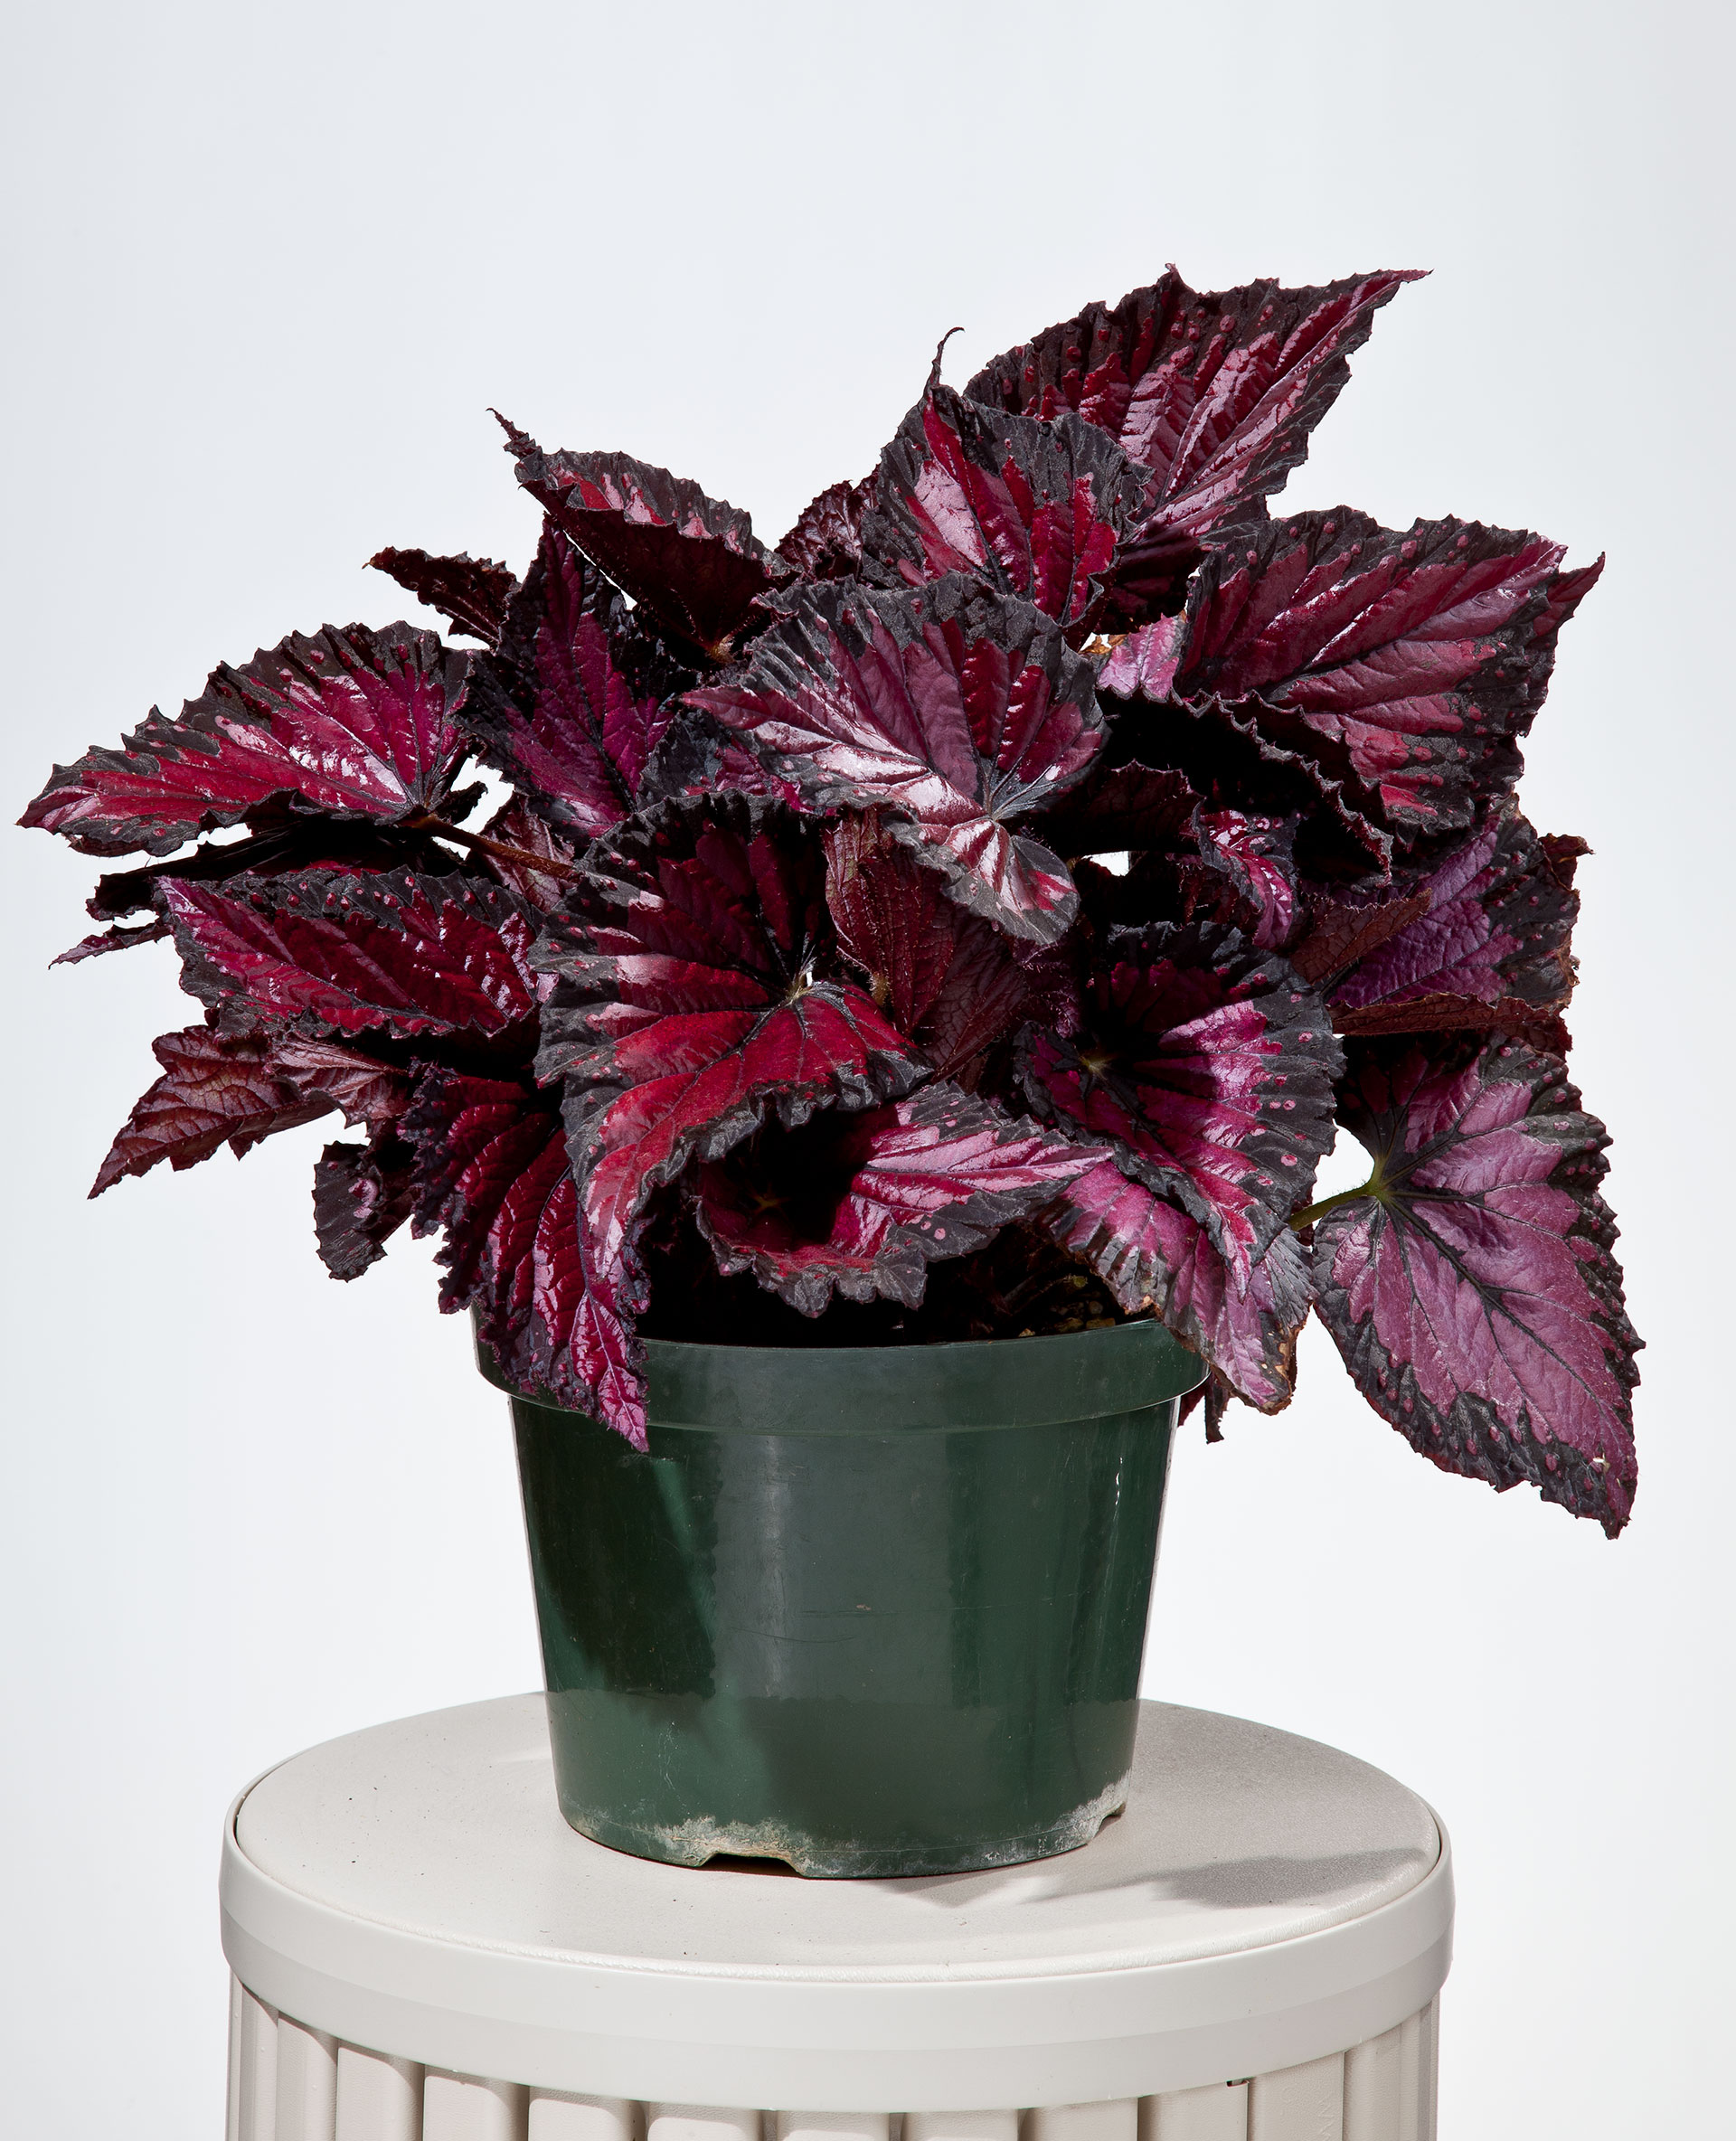 армейцев цветы с бордовыми листьями фото может обрушивать вас